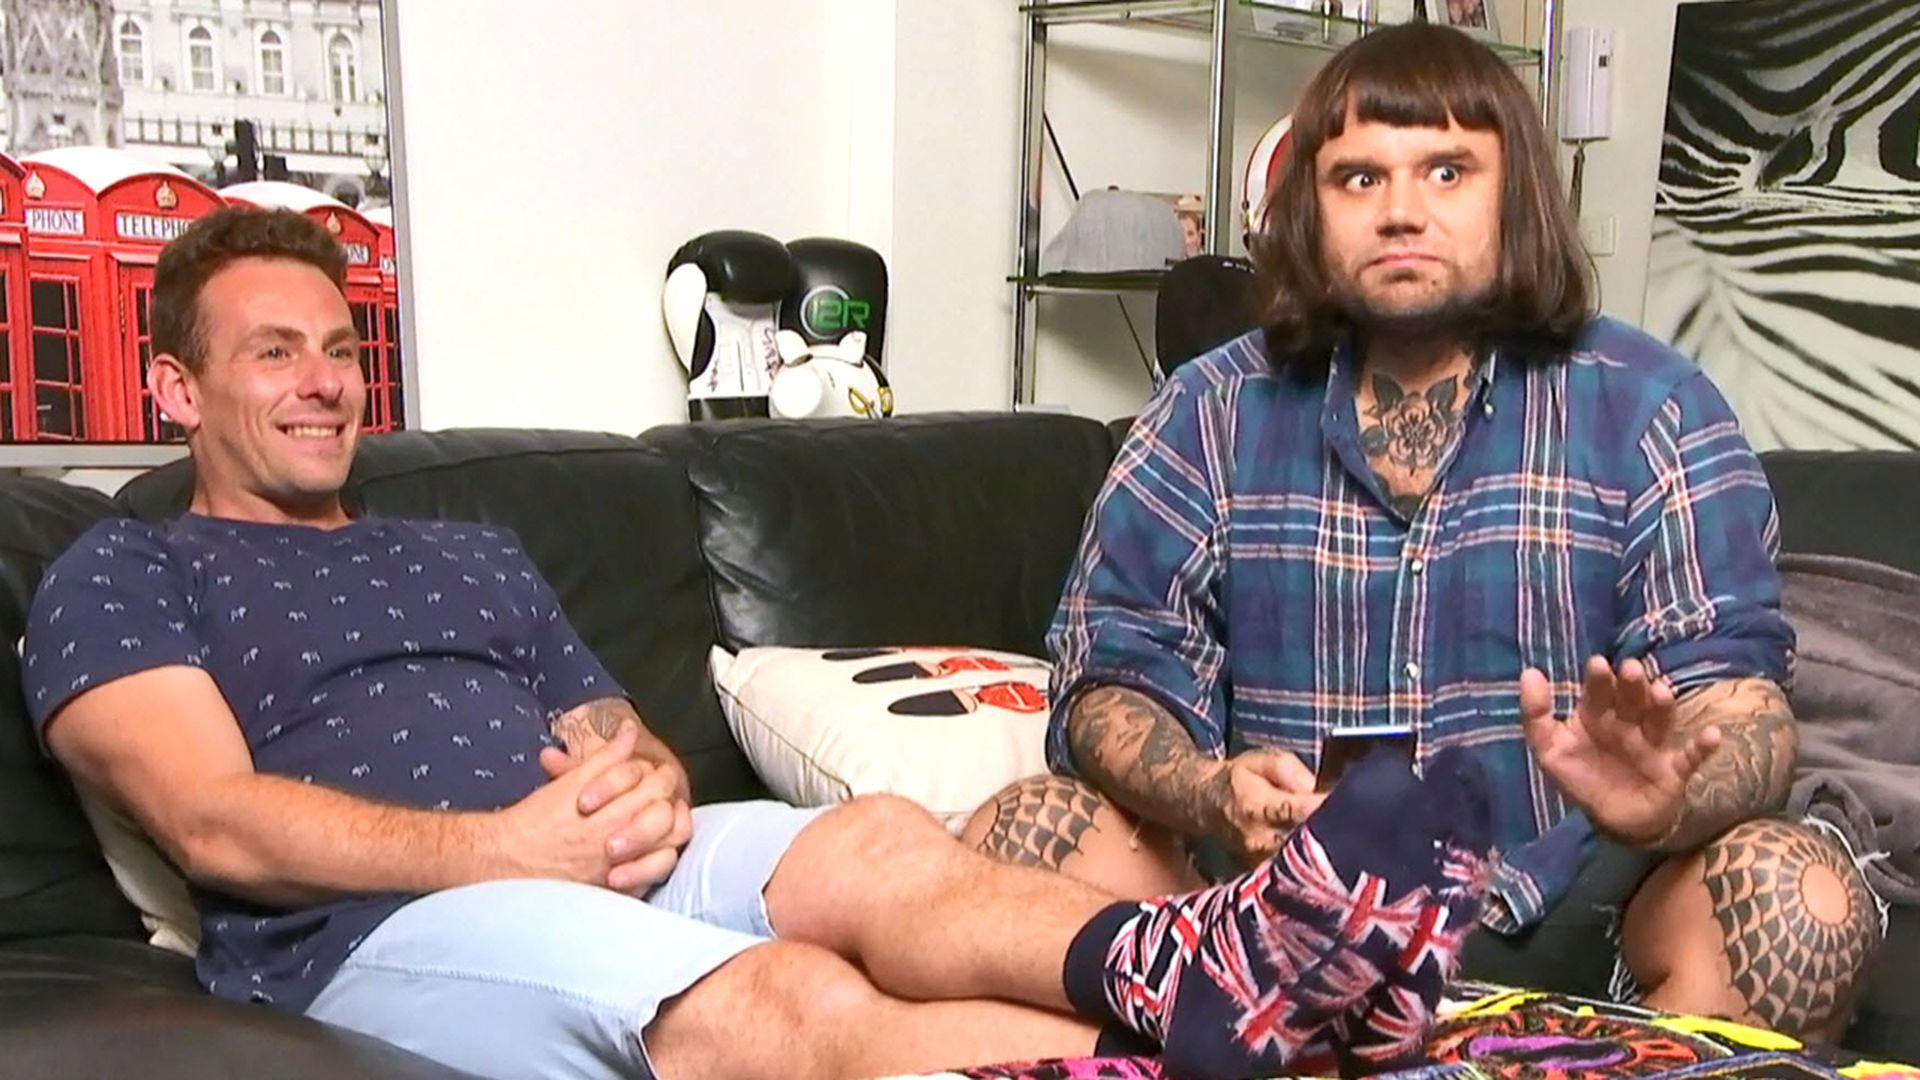 Aussie dating show